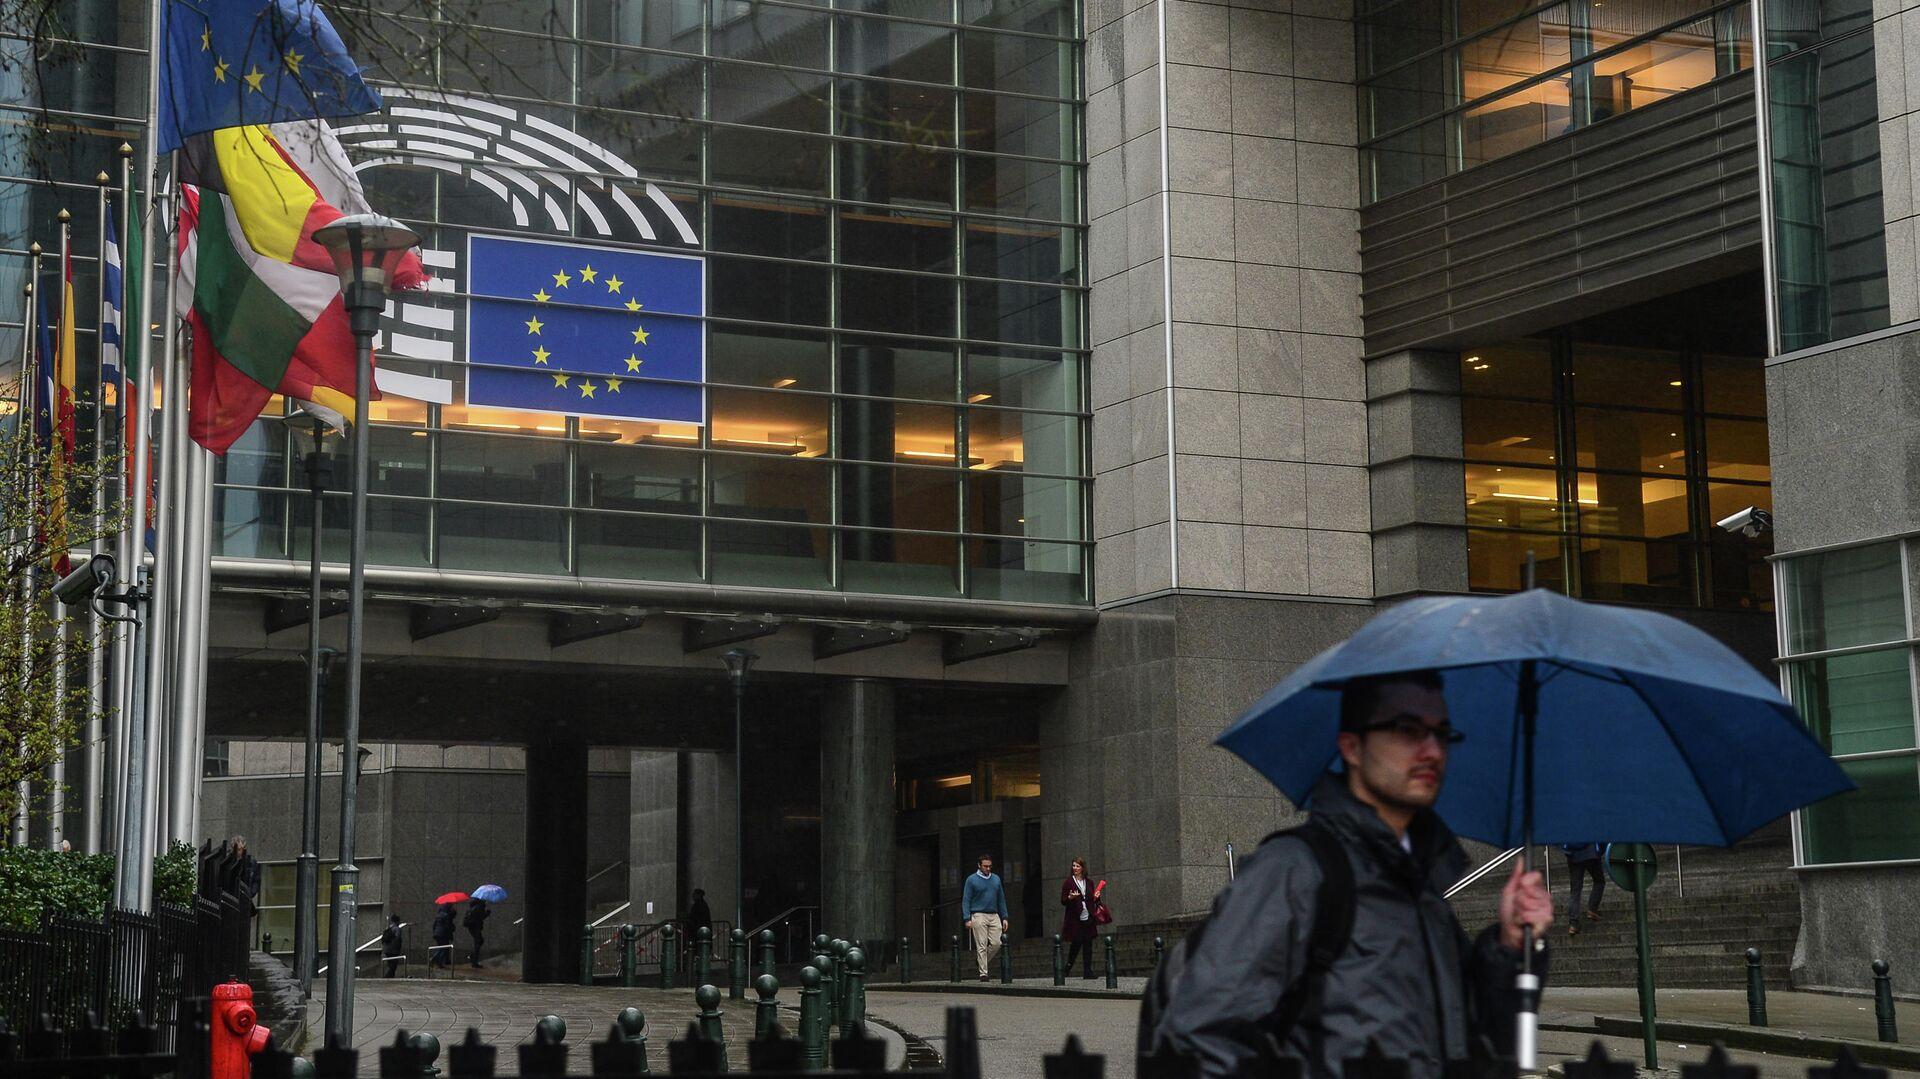 Здание Европейского парламента в Брюсселе - РИА Новости, 1920, 01.12.2020